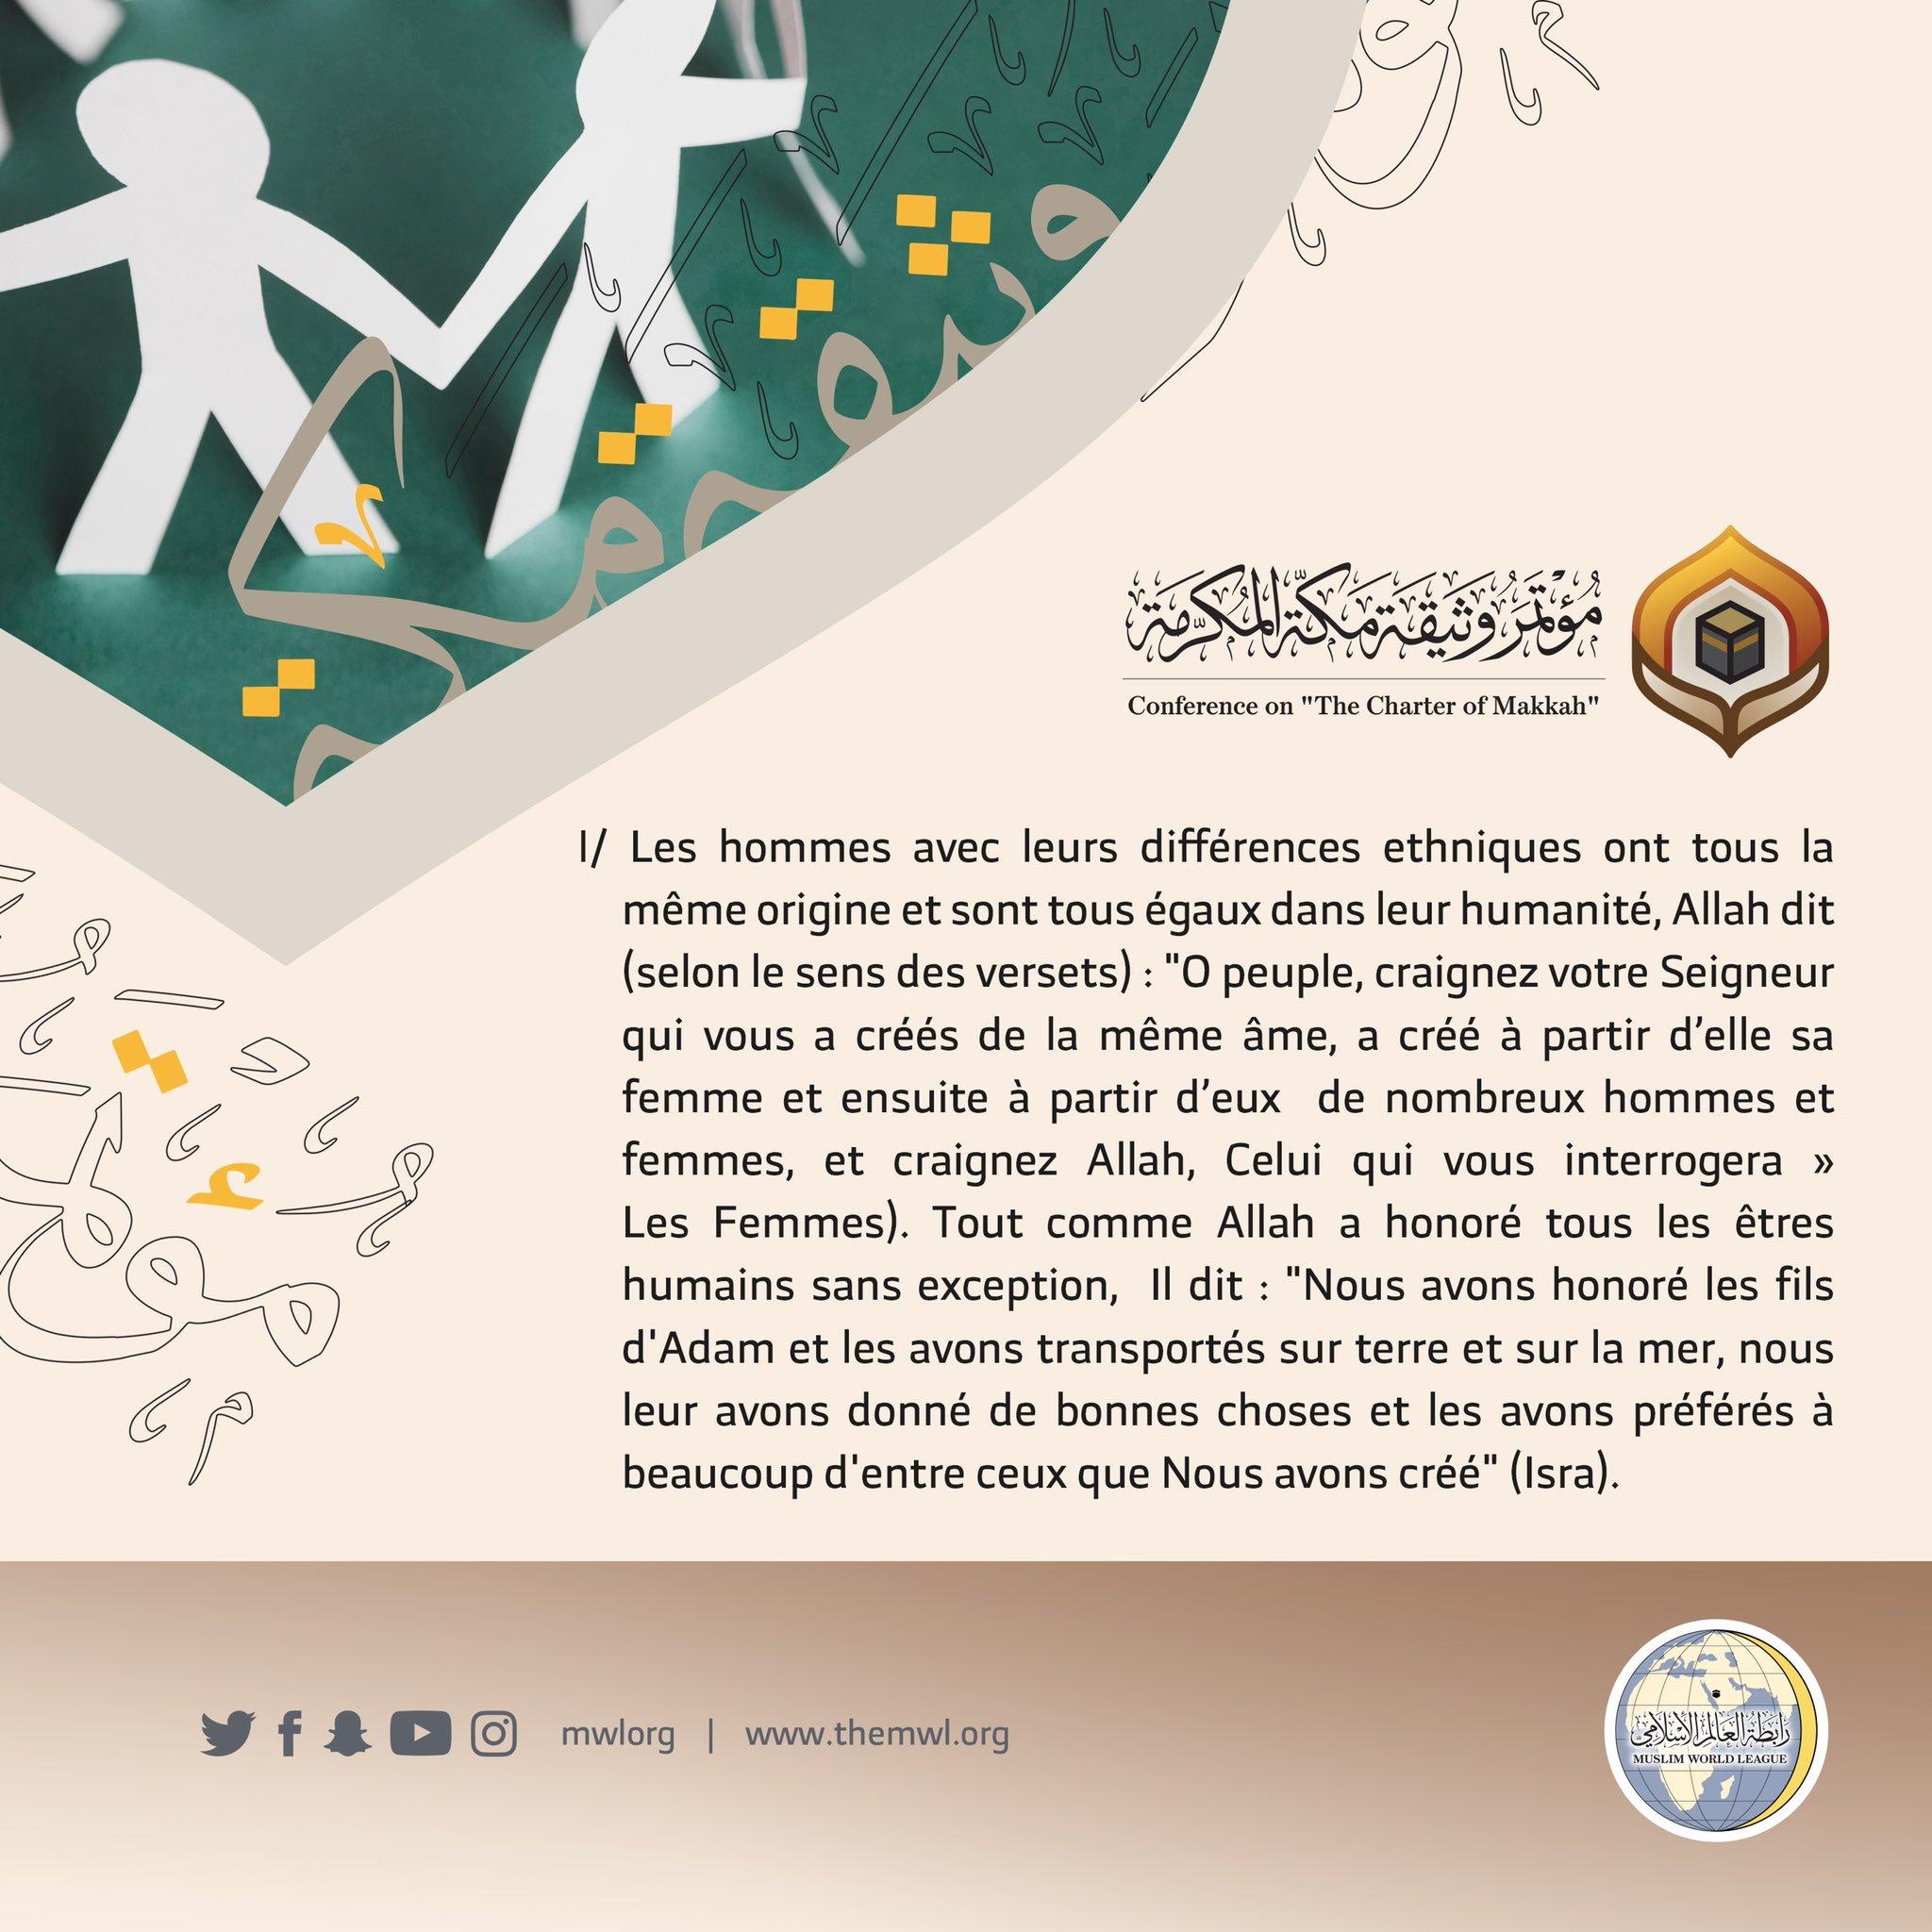 Charte de la Mecque